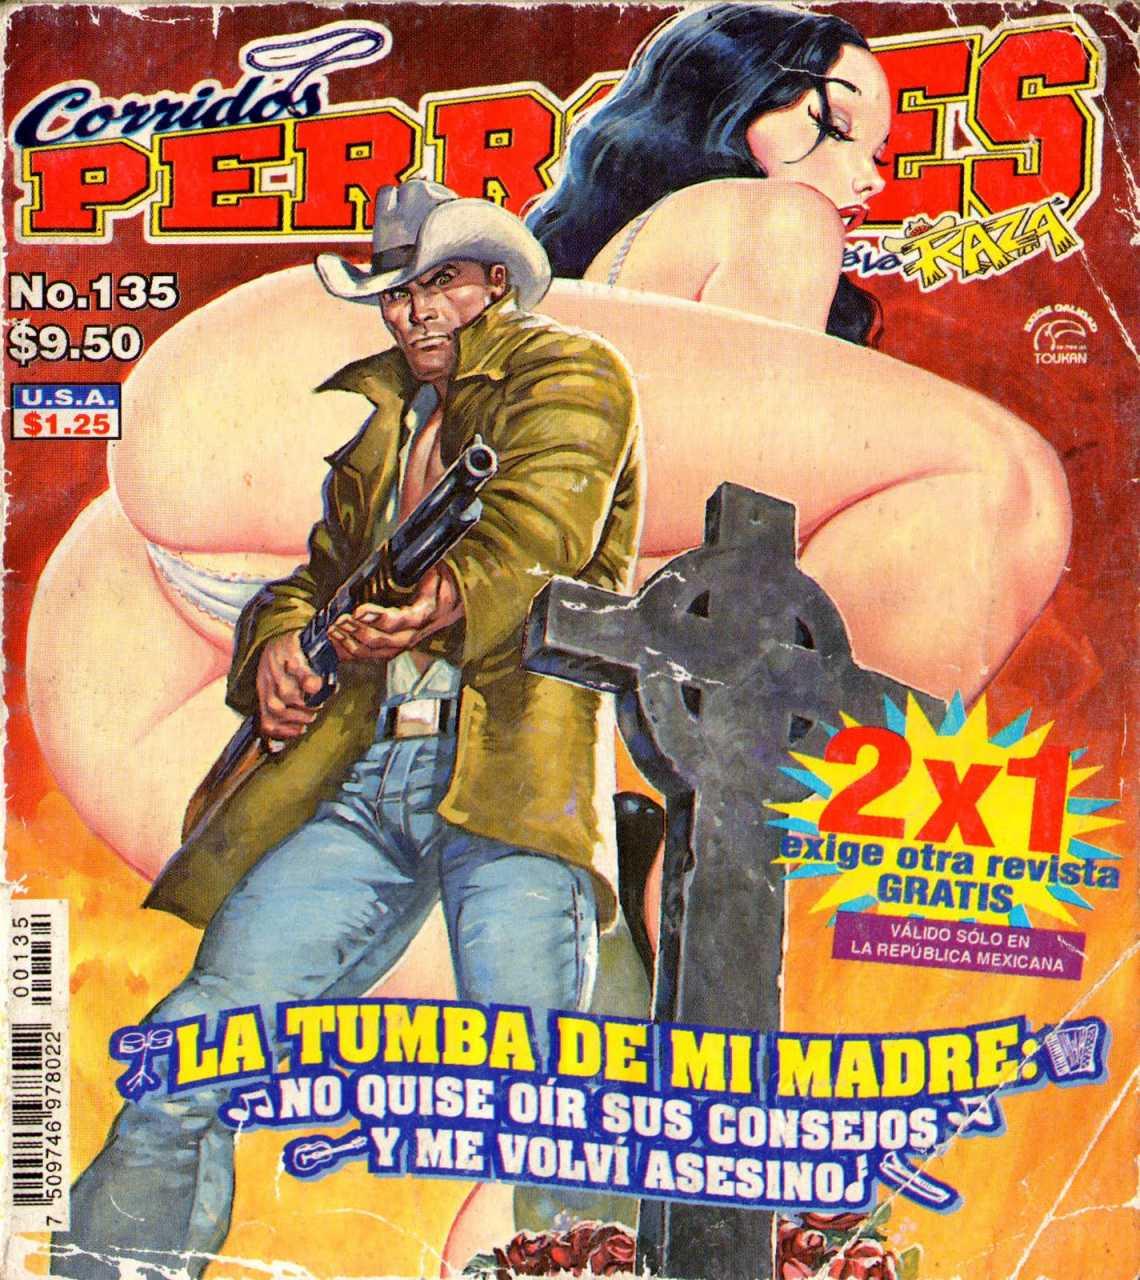 2237614-corridos_perrones_no135